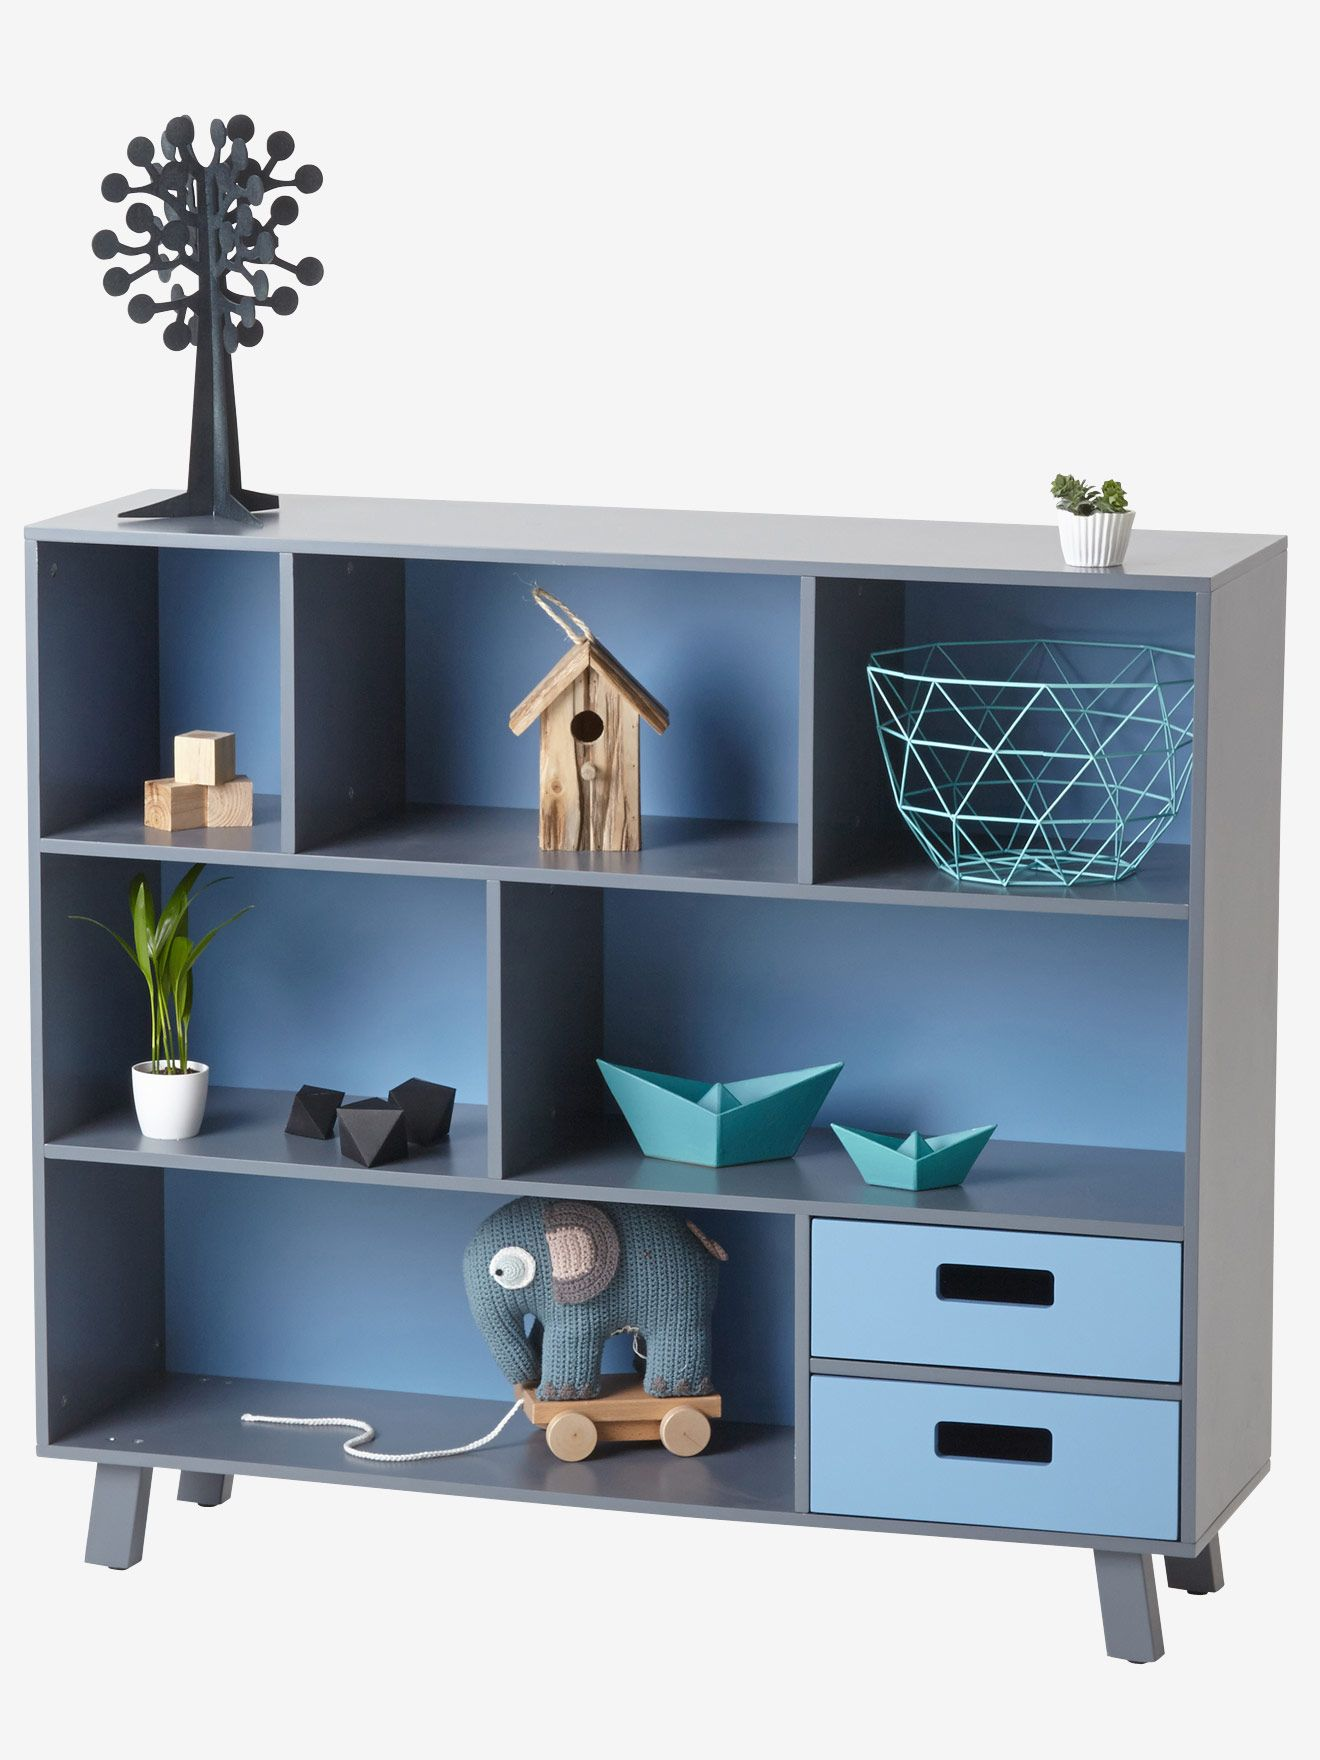 Bücherregal für Kinderzimmer von Vertbaudet in grau/blau - Nur € 2 ...